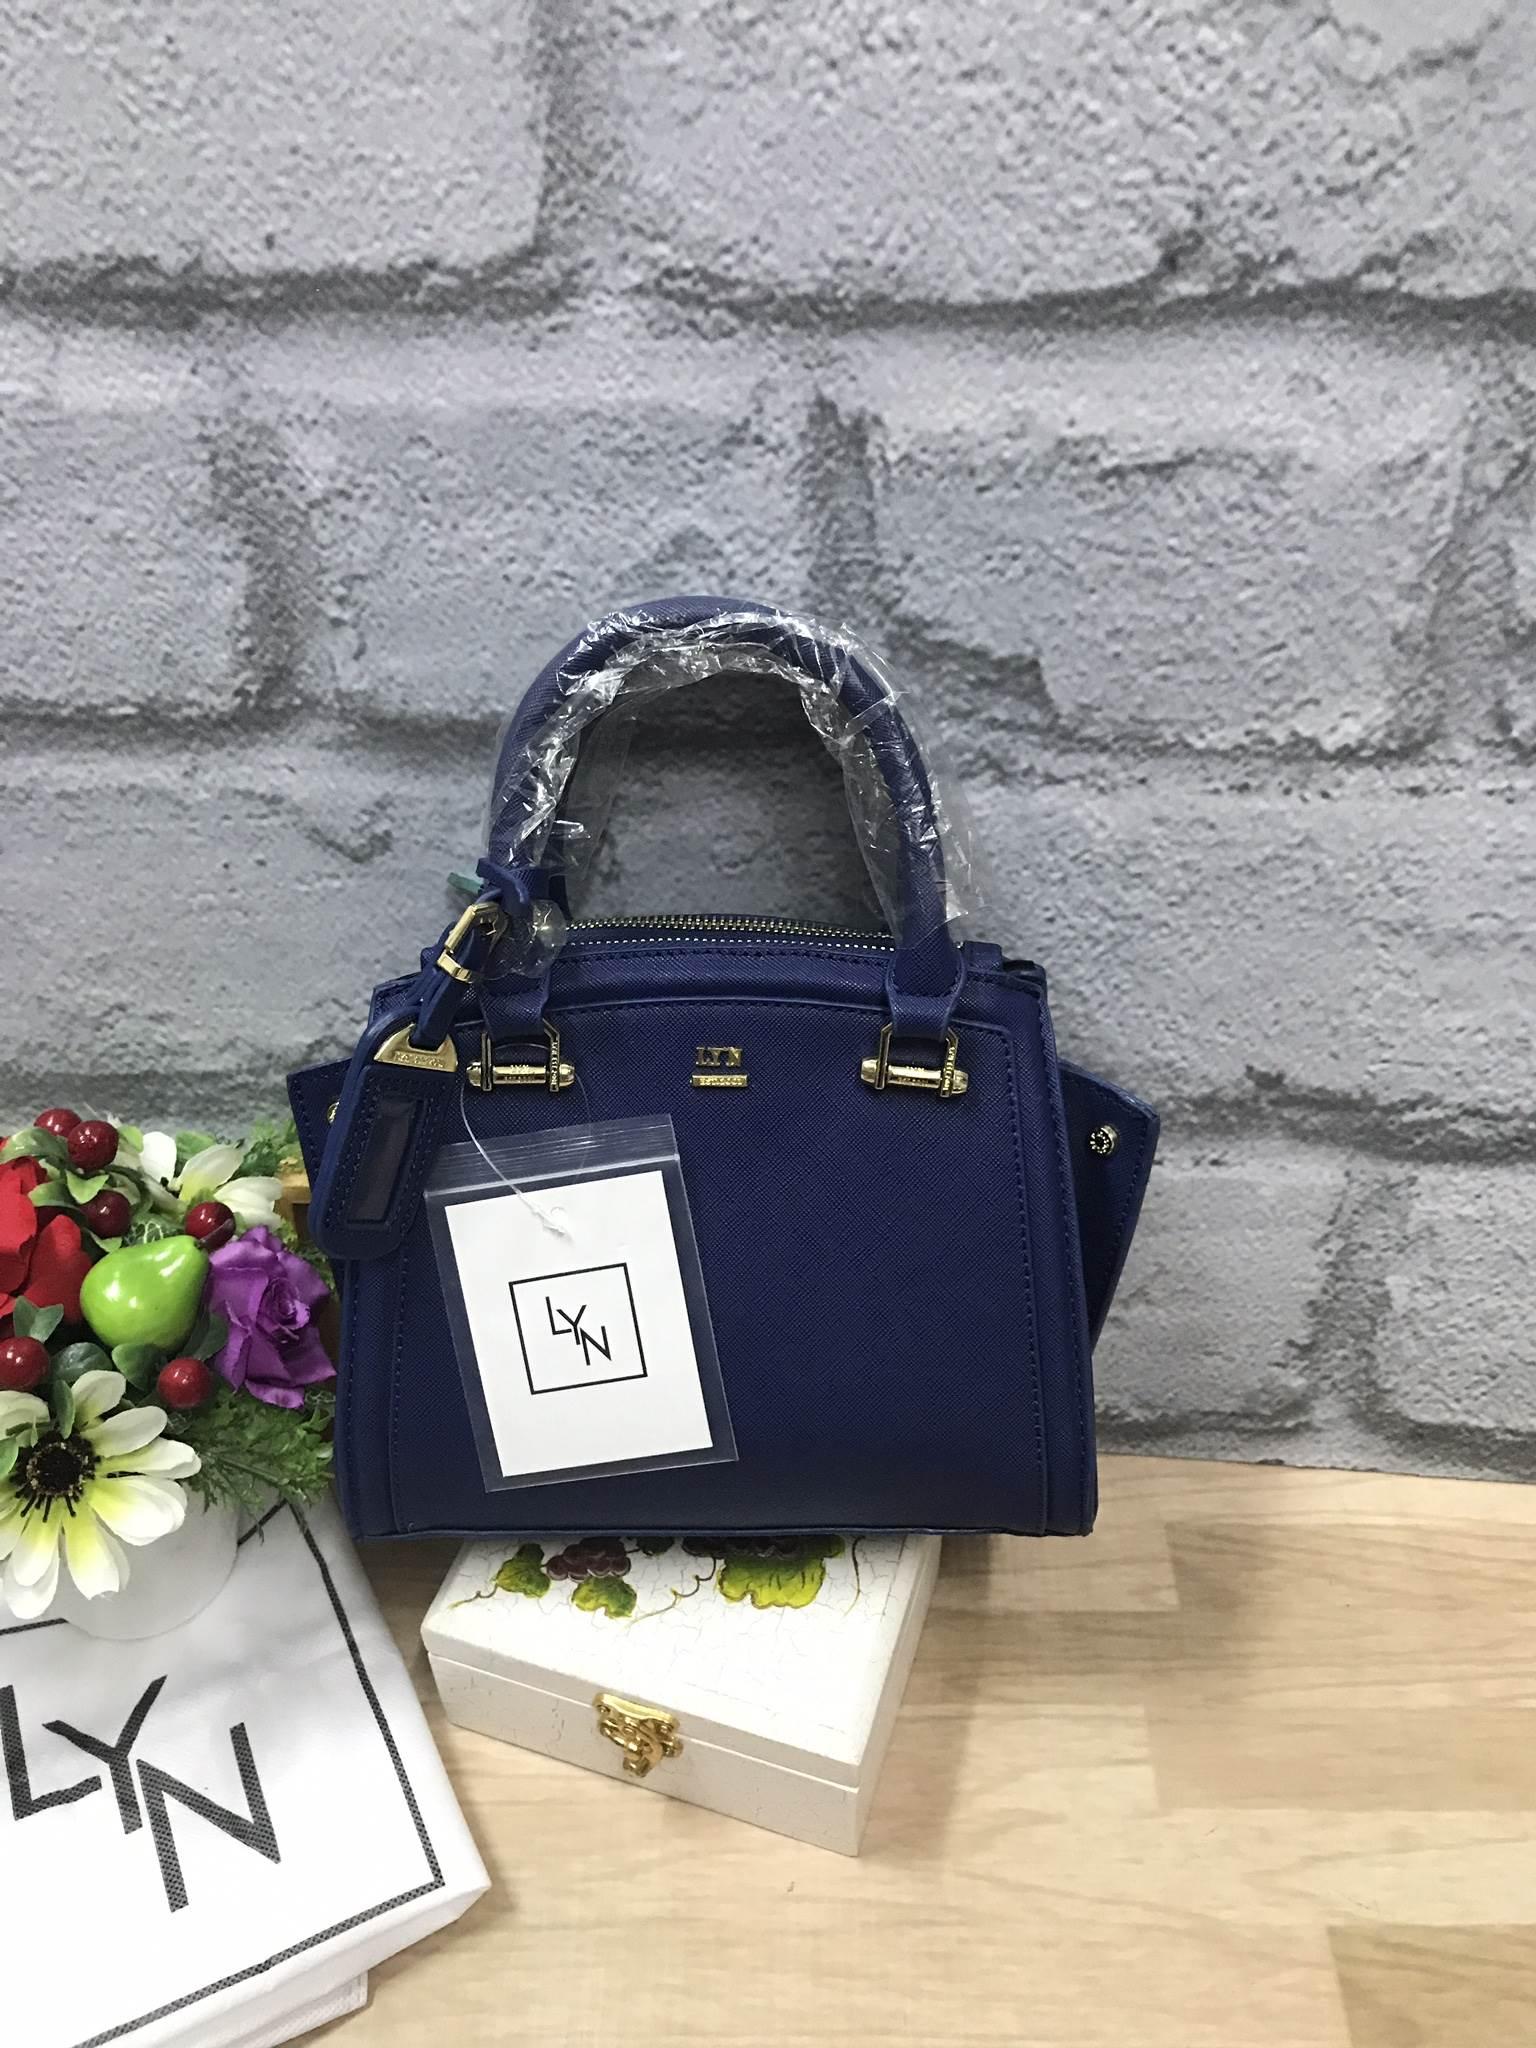 LYN Madison Bag สีน้ำเงิน กระเป๋าถือหรือสะพายทรงสวย รุ่นใหม่ล่าสุด วัสดุหนัง Saffiano